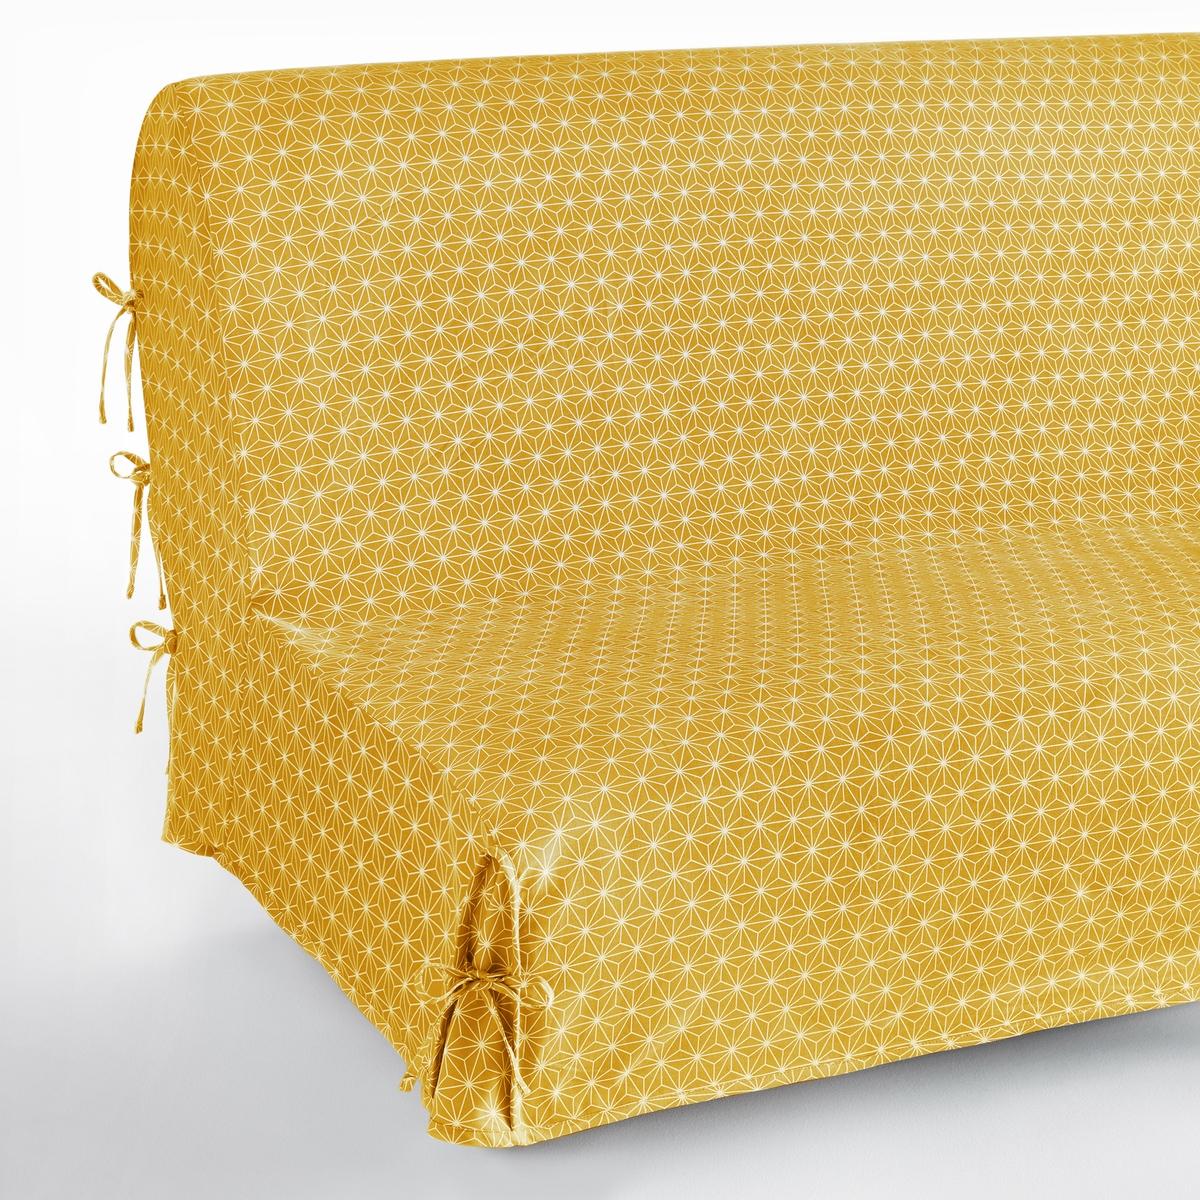 цена Чехол La Redoute Для раскладного дивана Lozange единый размер желтый онлайн в 2017 году